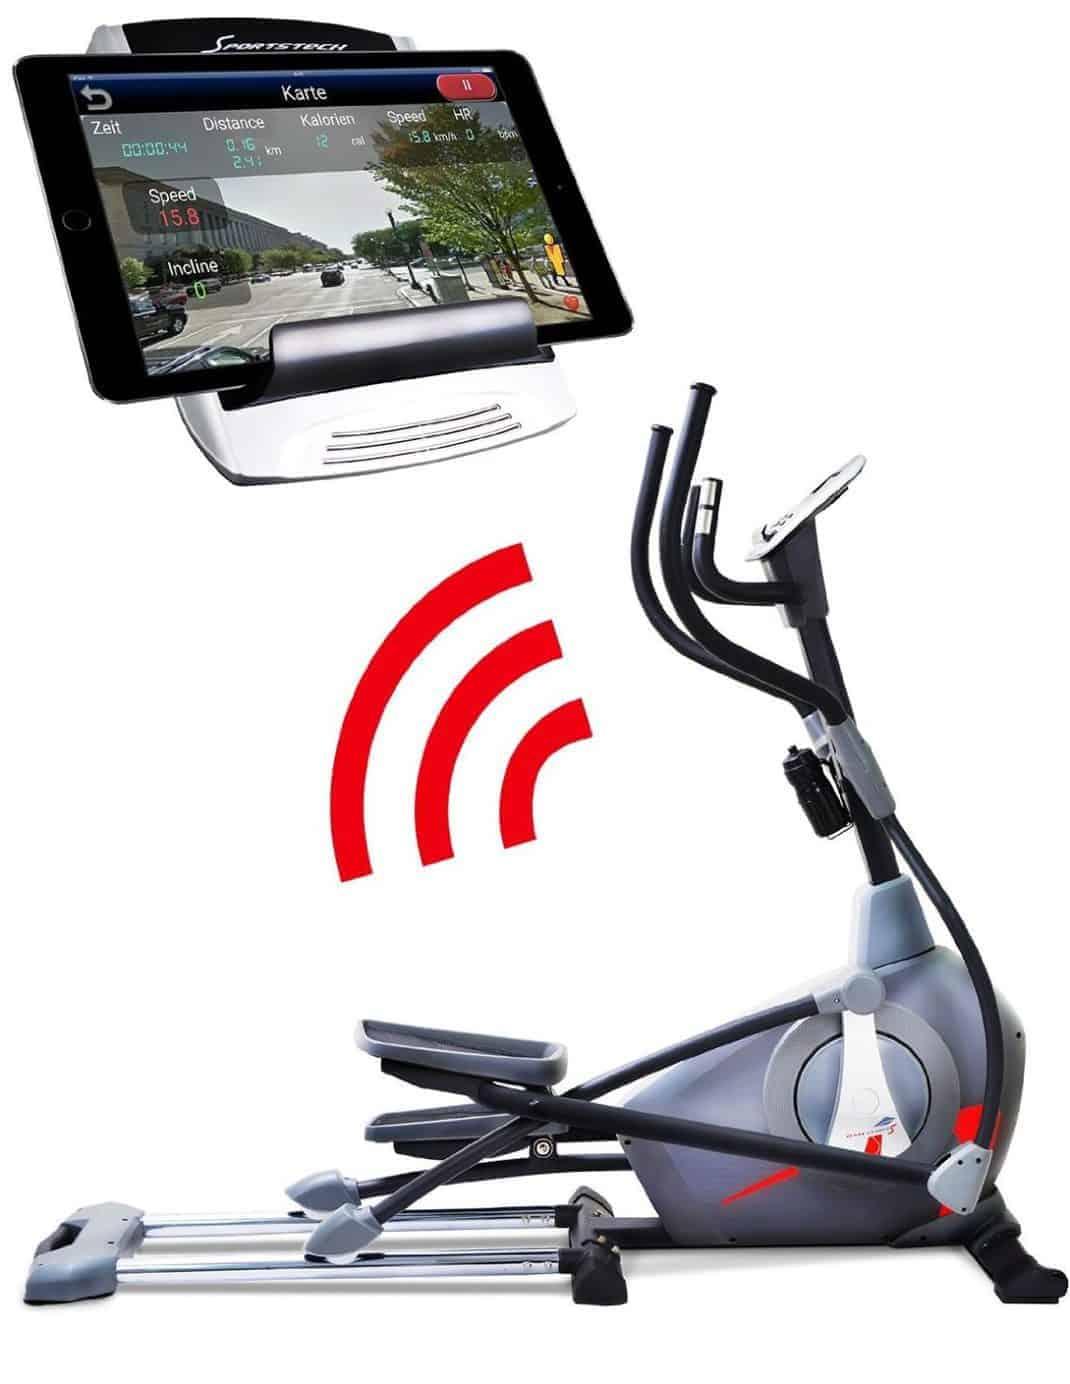 Bienfait du velo elliptique - Sportstech CX650